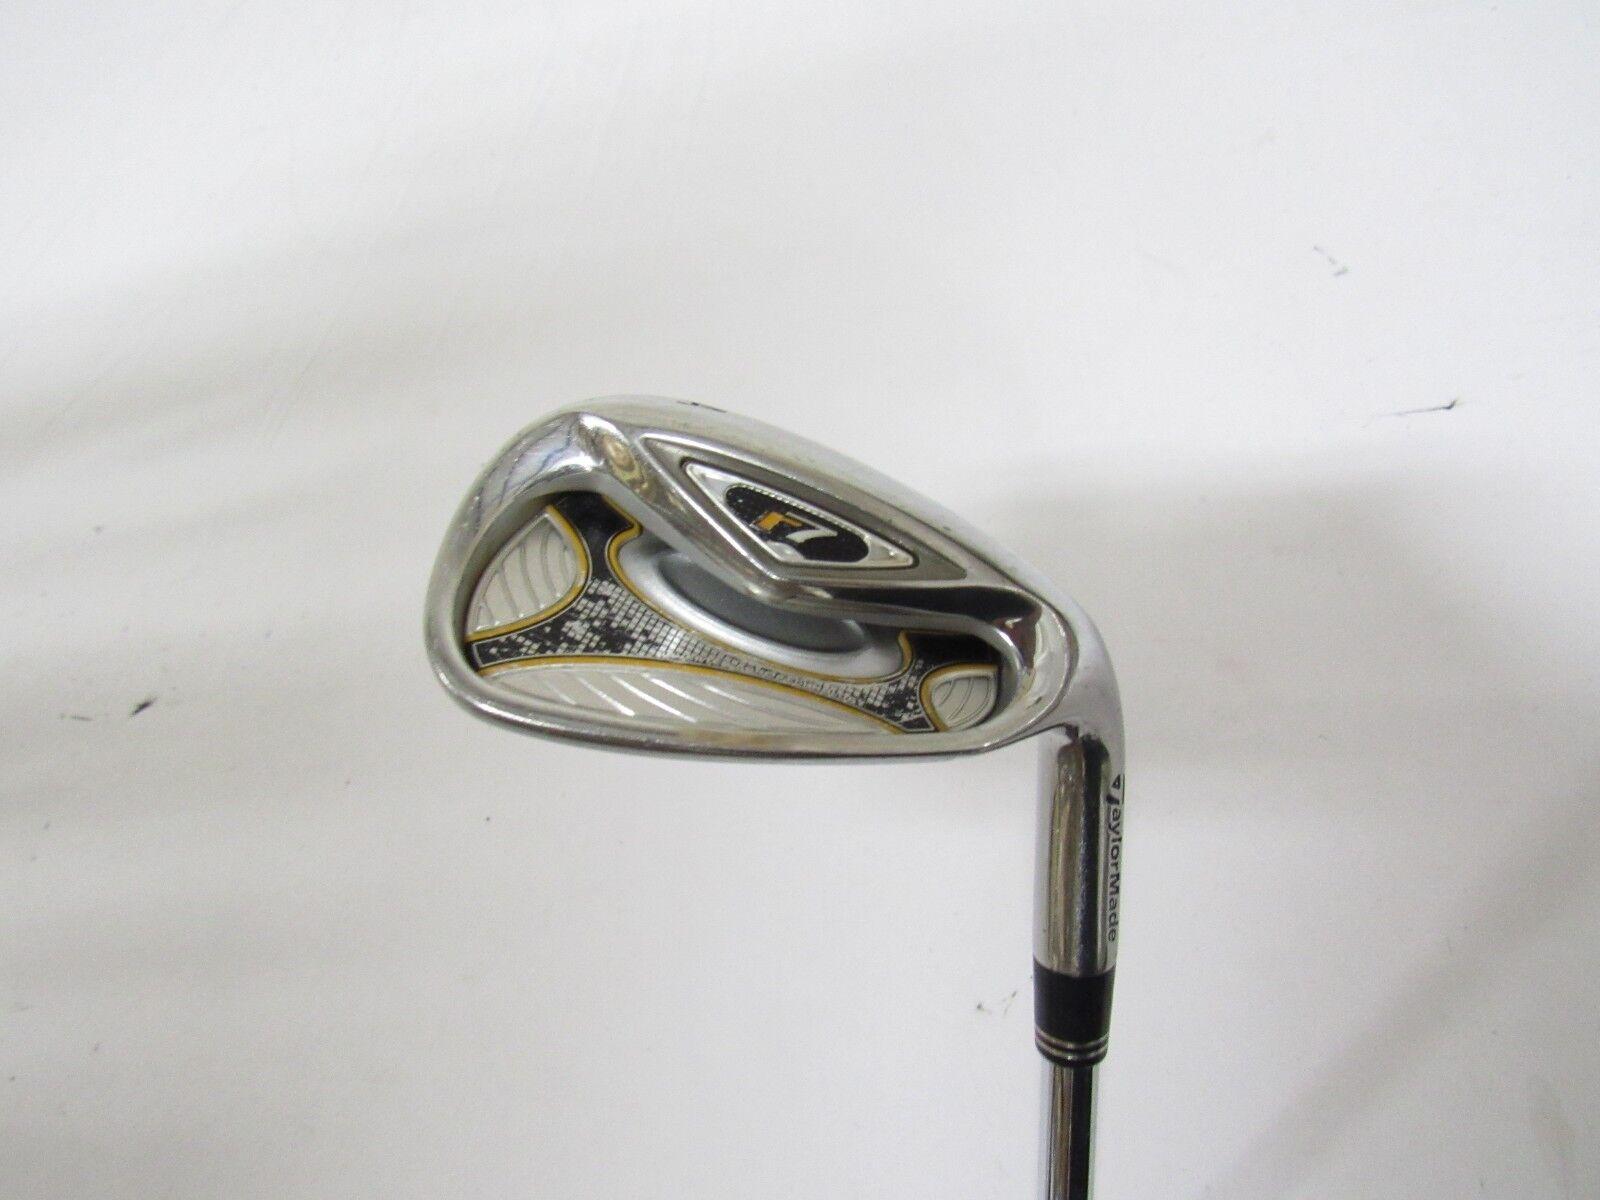 Utiliza la mano derecha Taylormade r7 Gap una cuña única  Tejido Taylormade T-Step 90 Acero Regular R-flex  marca de lujo